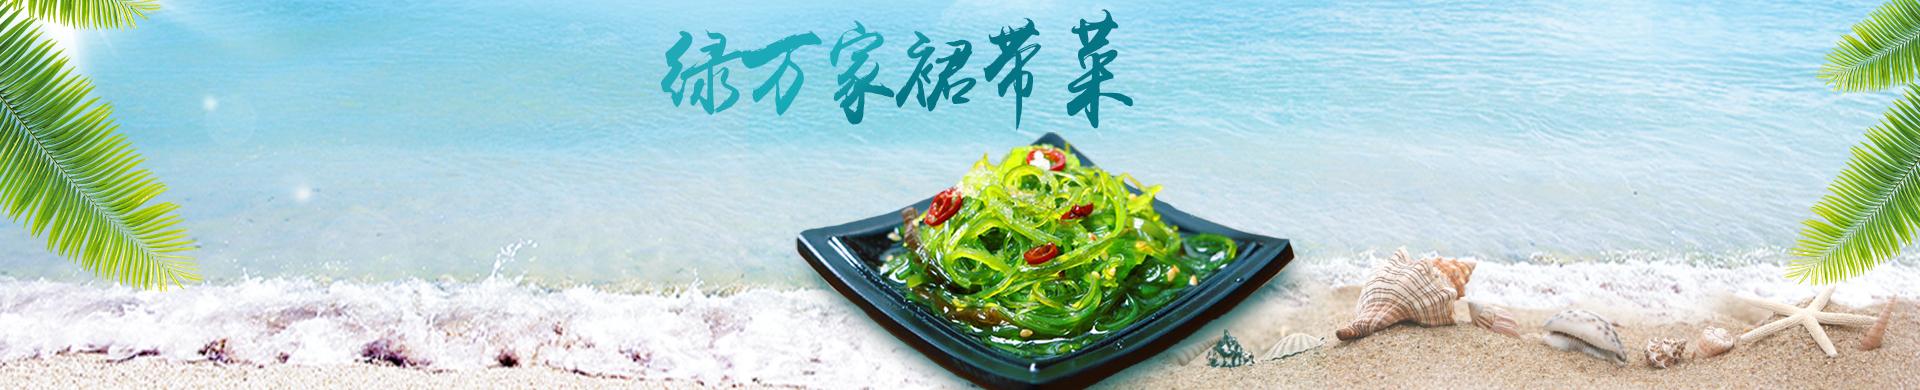 大连绿万家海洋食品有限公司